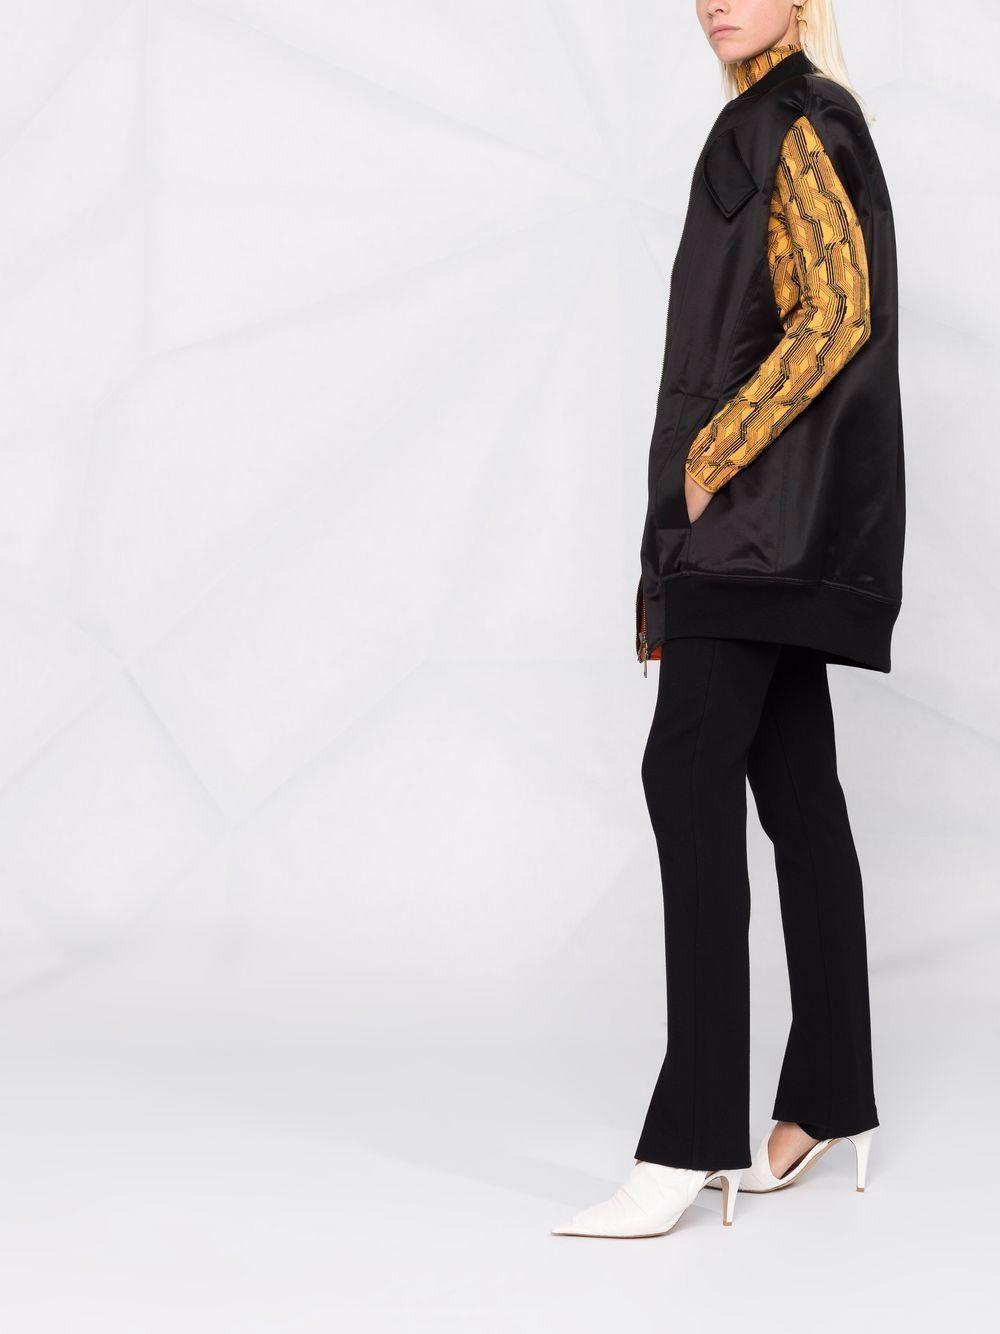 Picture of Erika Cavallini | Sleeveless Bomber Jacket